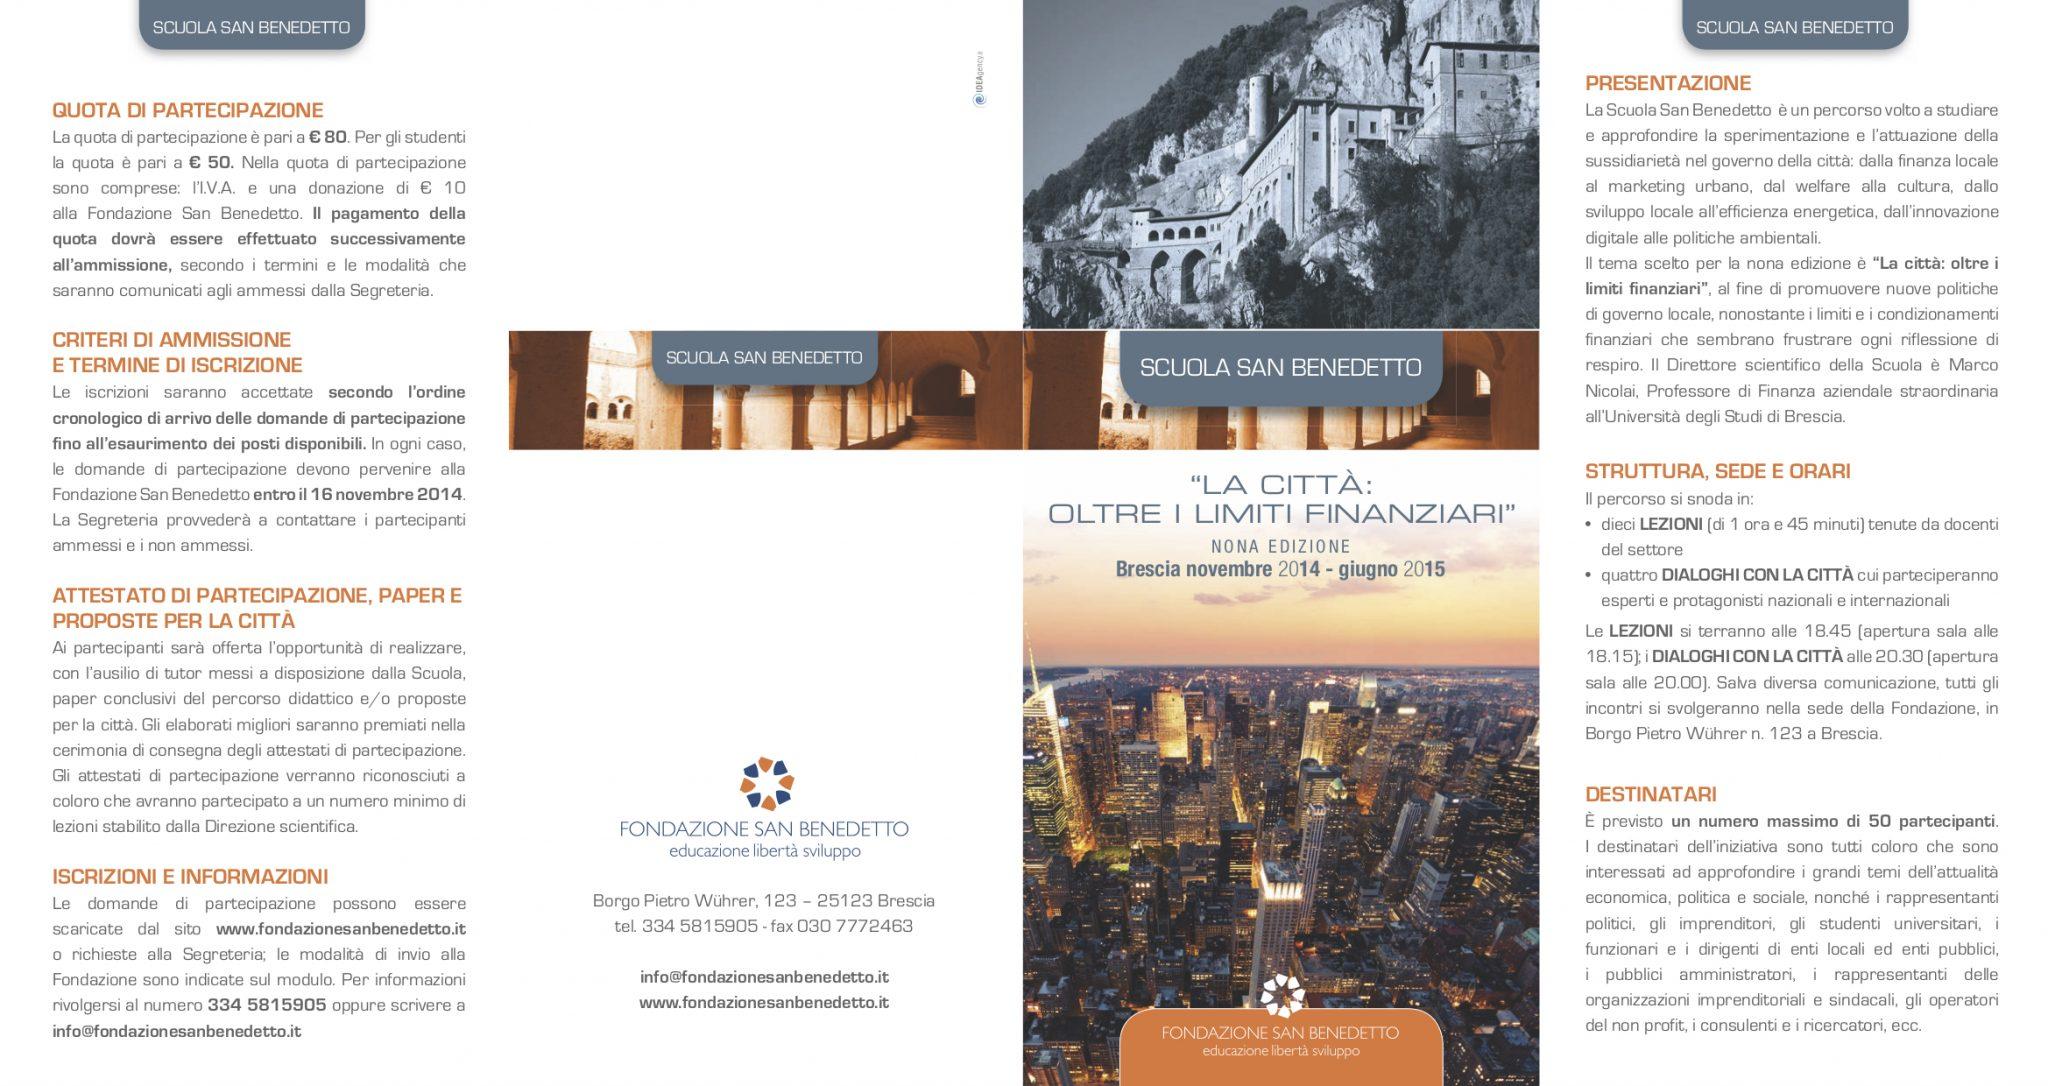 SSB IX edizione || La città: oltre i limiti finanziari